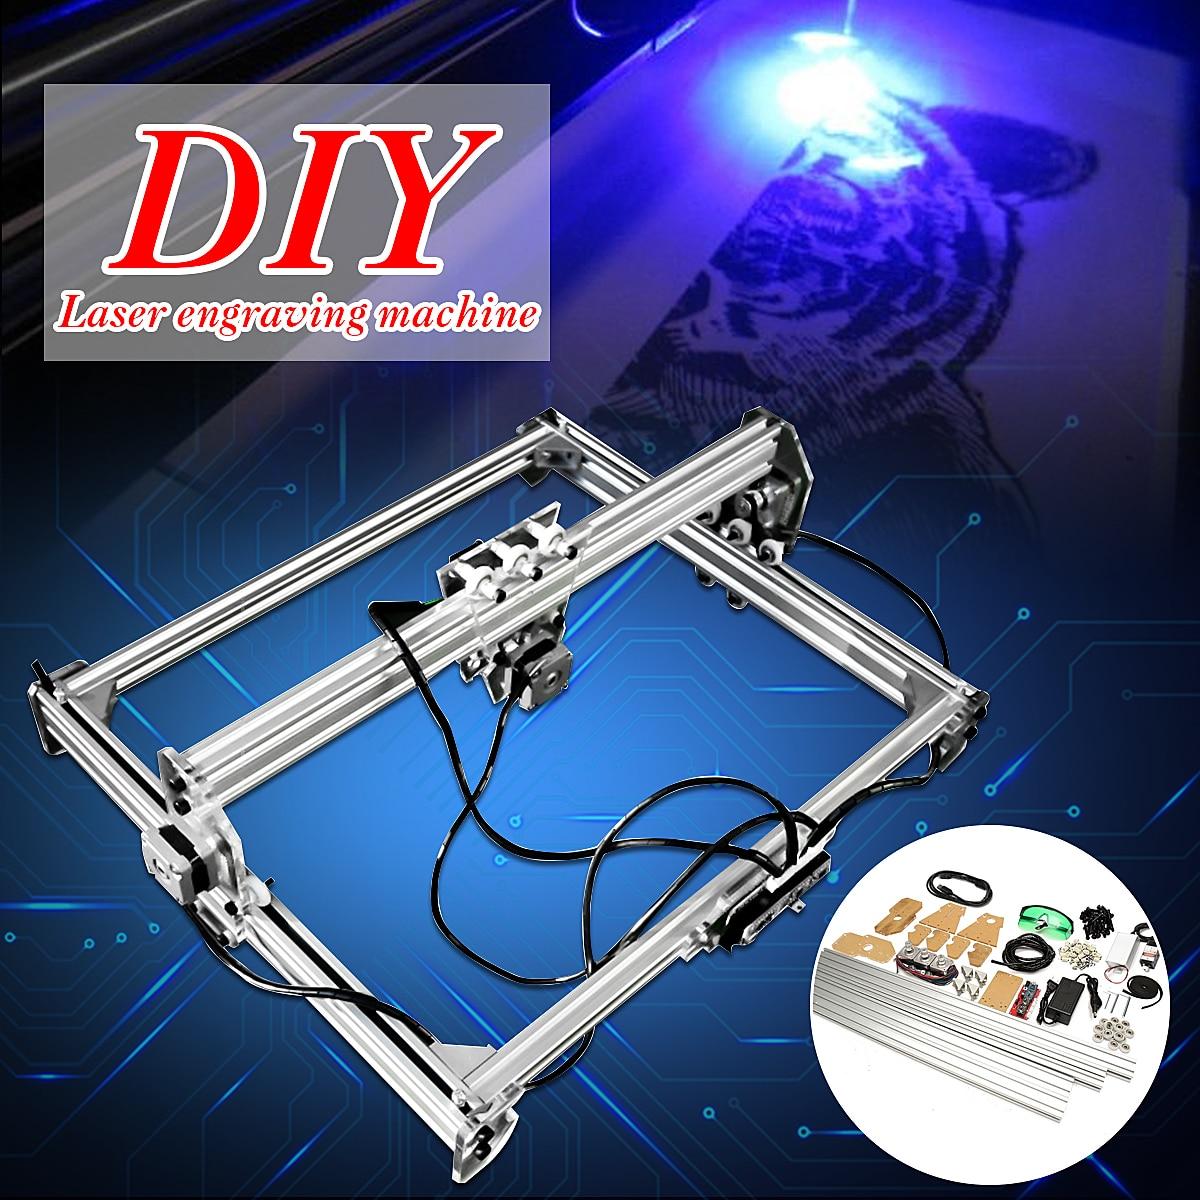 50*65 см мини 3000 мВт синий лазерный гравировальный станок с ЧПУ 2 оси DC 12 В DIY гравер Настольный деревянный маршрутизатор/резак/принтер + лазер